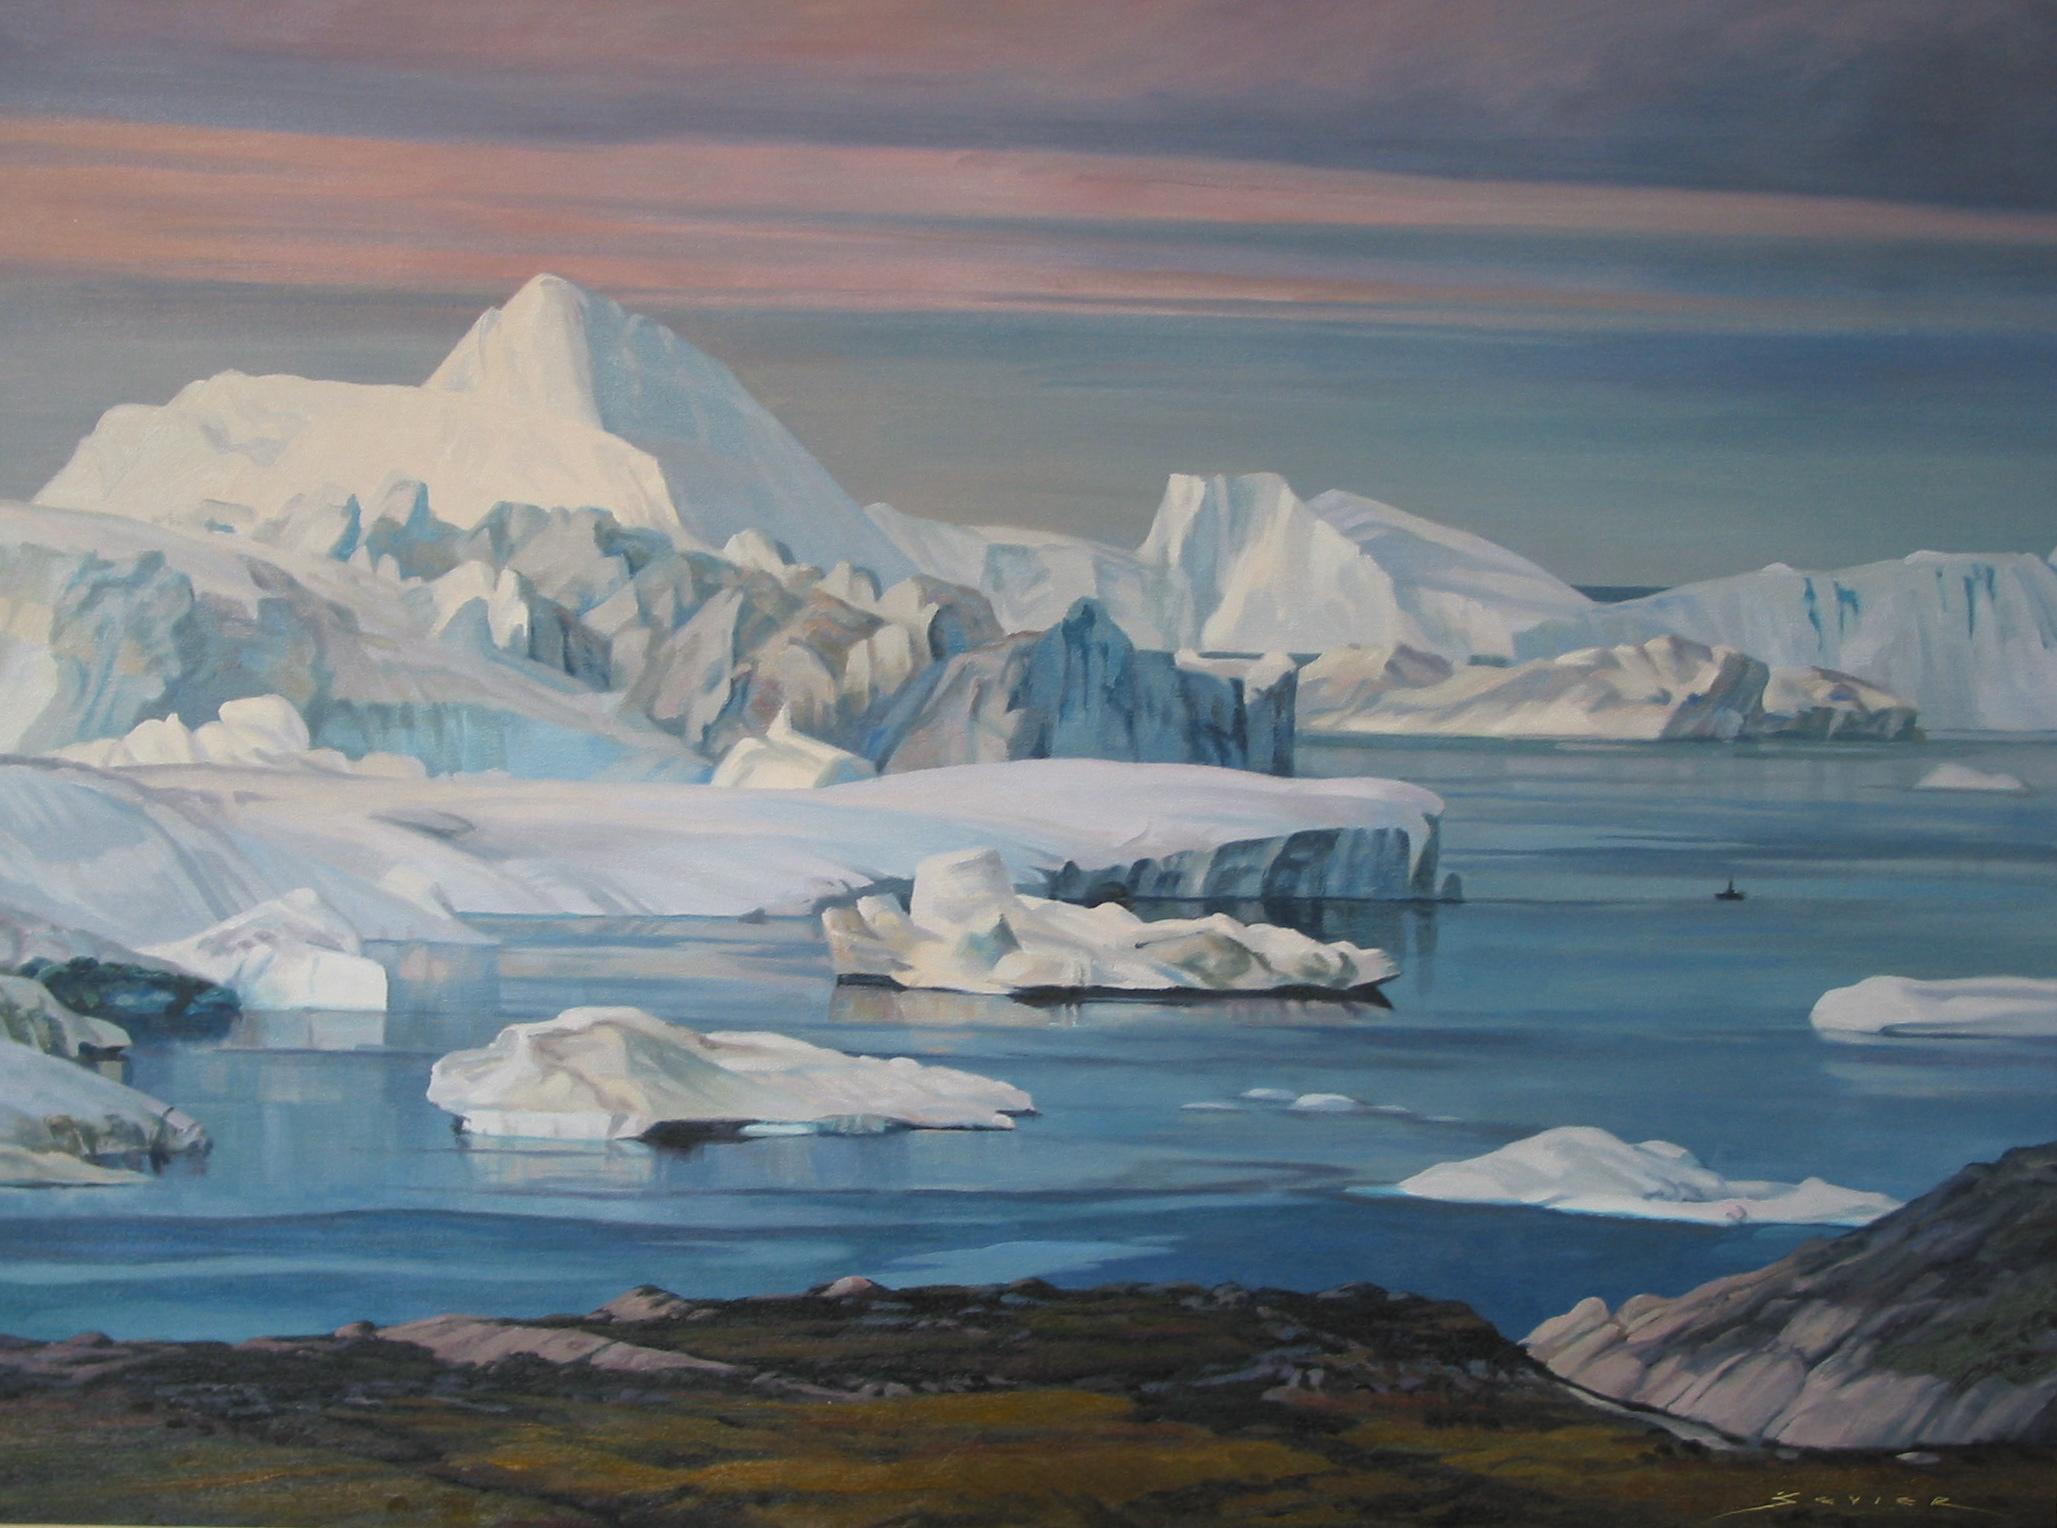 Jacobshavn Fjord, Greenland, 30 x 40, oil